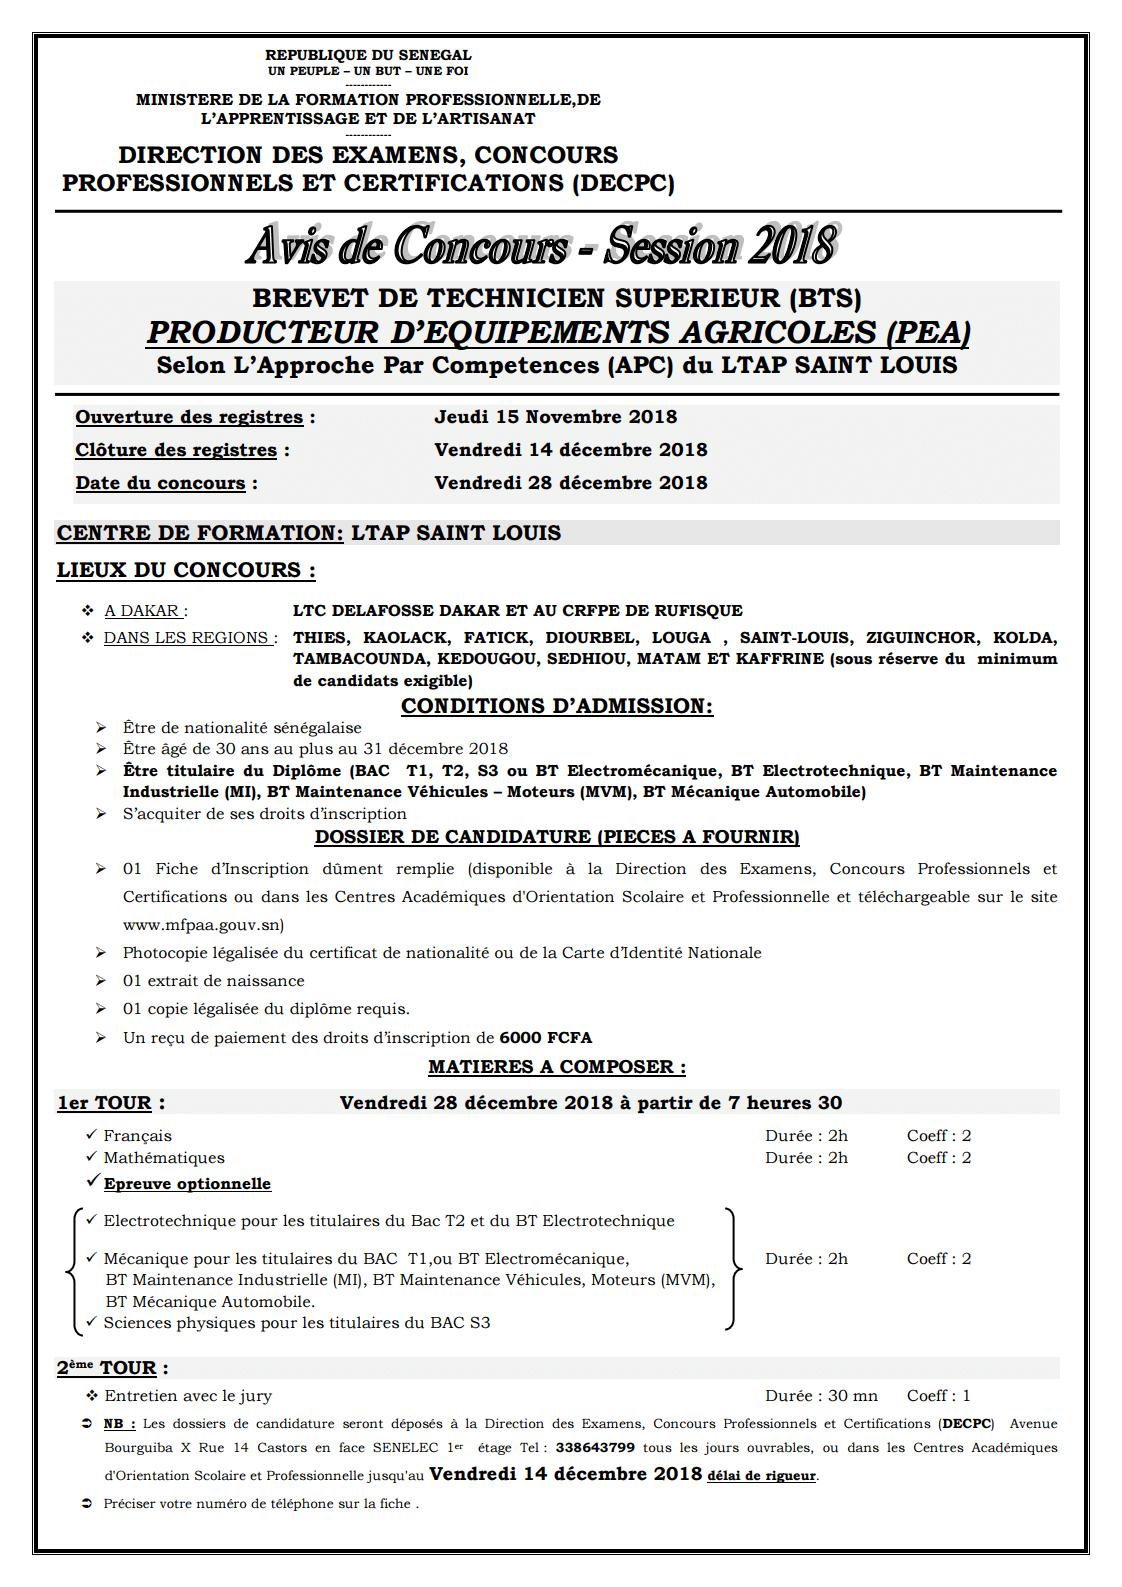 page1 Concours BTS Producteur d'Equipements Agricoles (PEA)